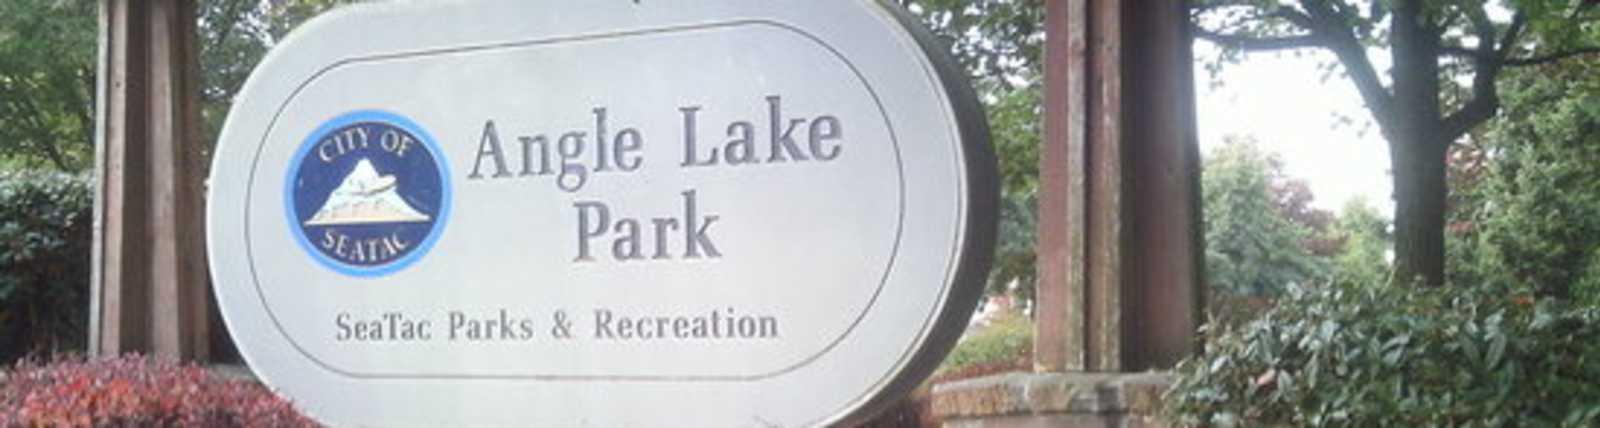 angle lake sign